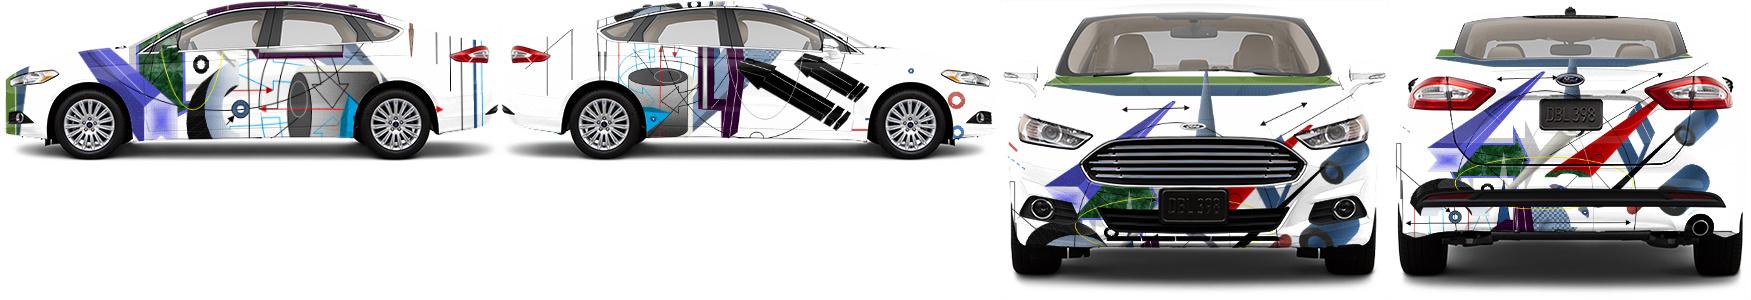 Sedan Wrap #52941